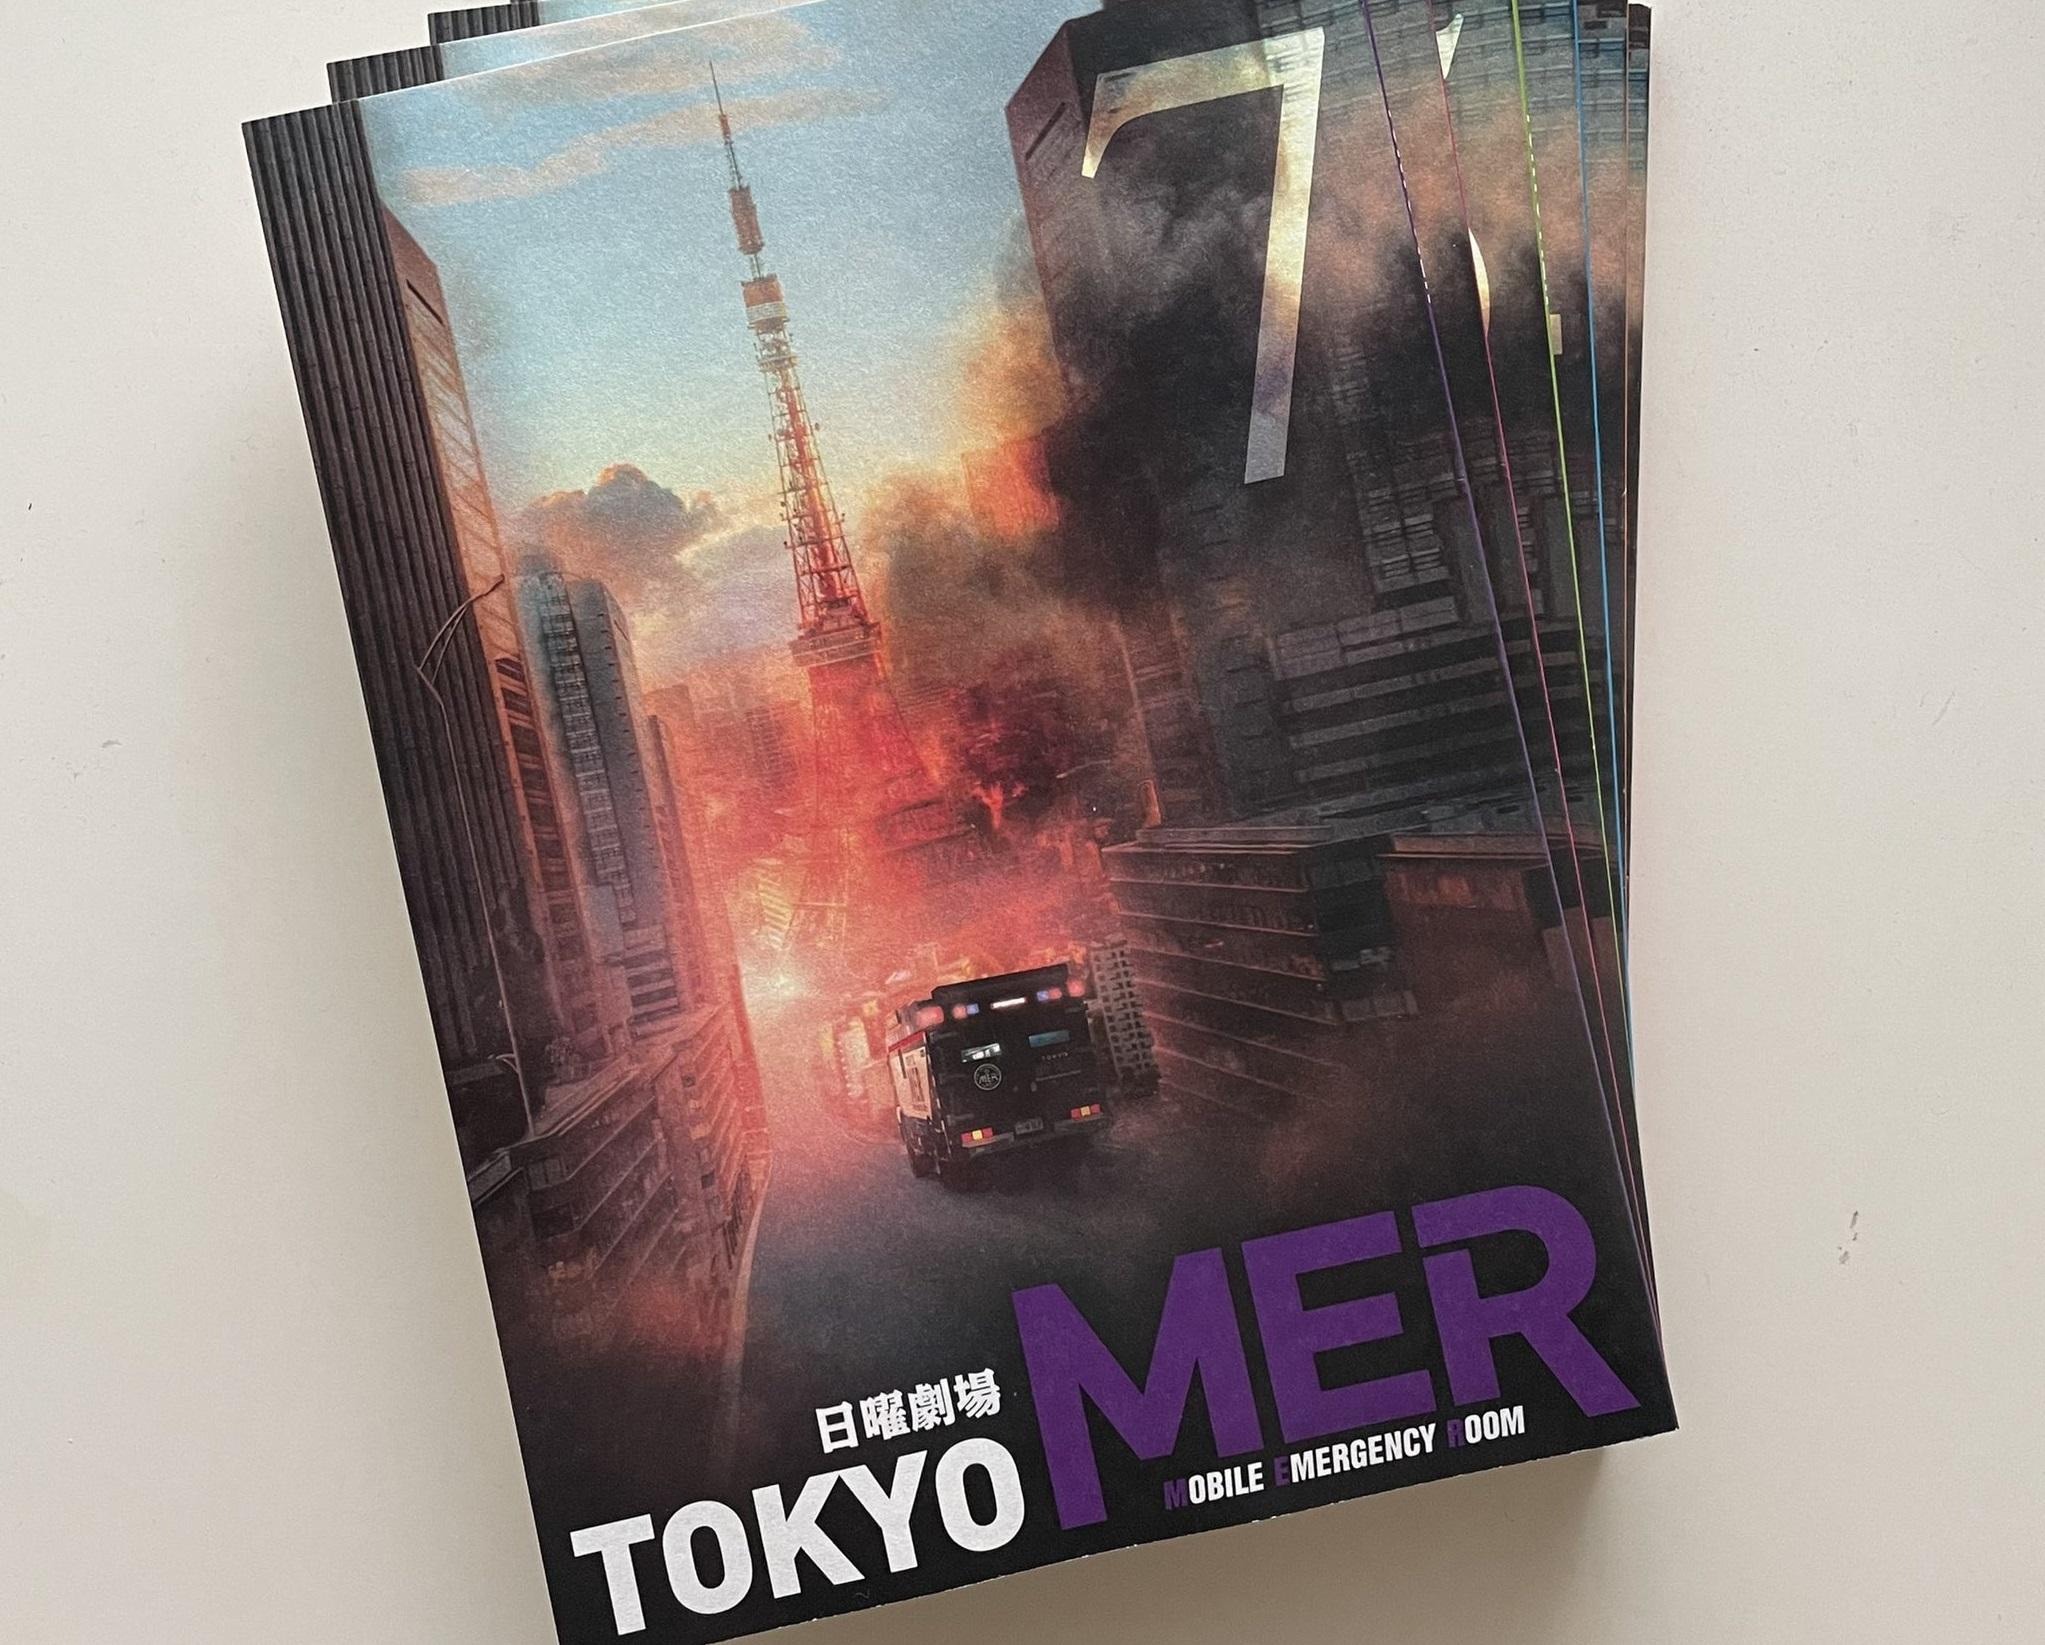 日曜劇場【TOKYO MER走る緊急救命室】7話のネタバレ!城田優が喜多見に近づく今後のキーパーソンに